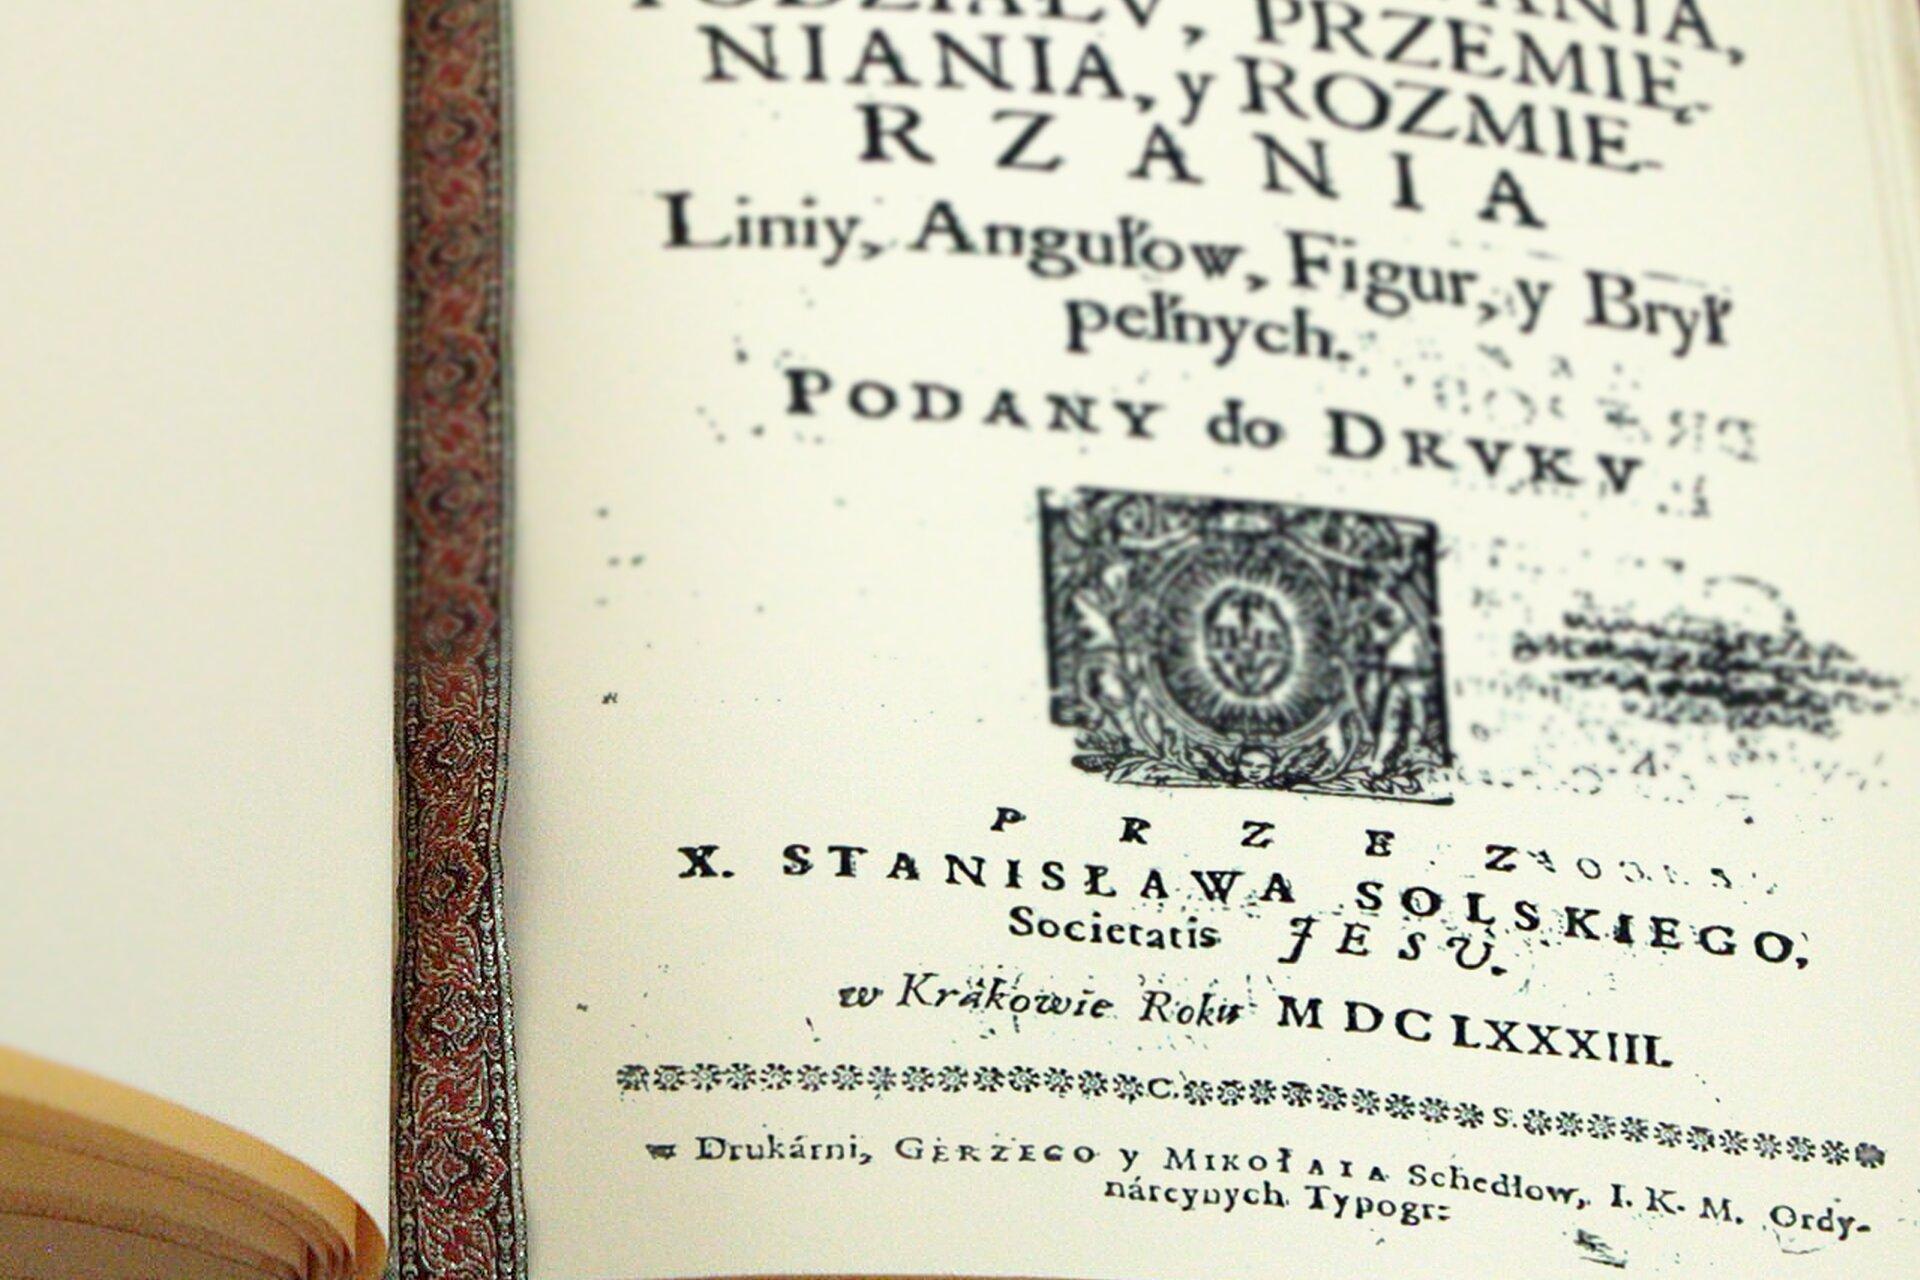 Rysunek strony tytułowej książki zwidocznym rokiem wydania. Zapis wsystemie rzymskim MDCLXXXIII.